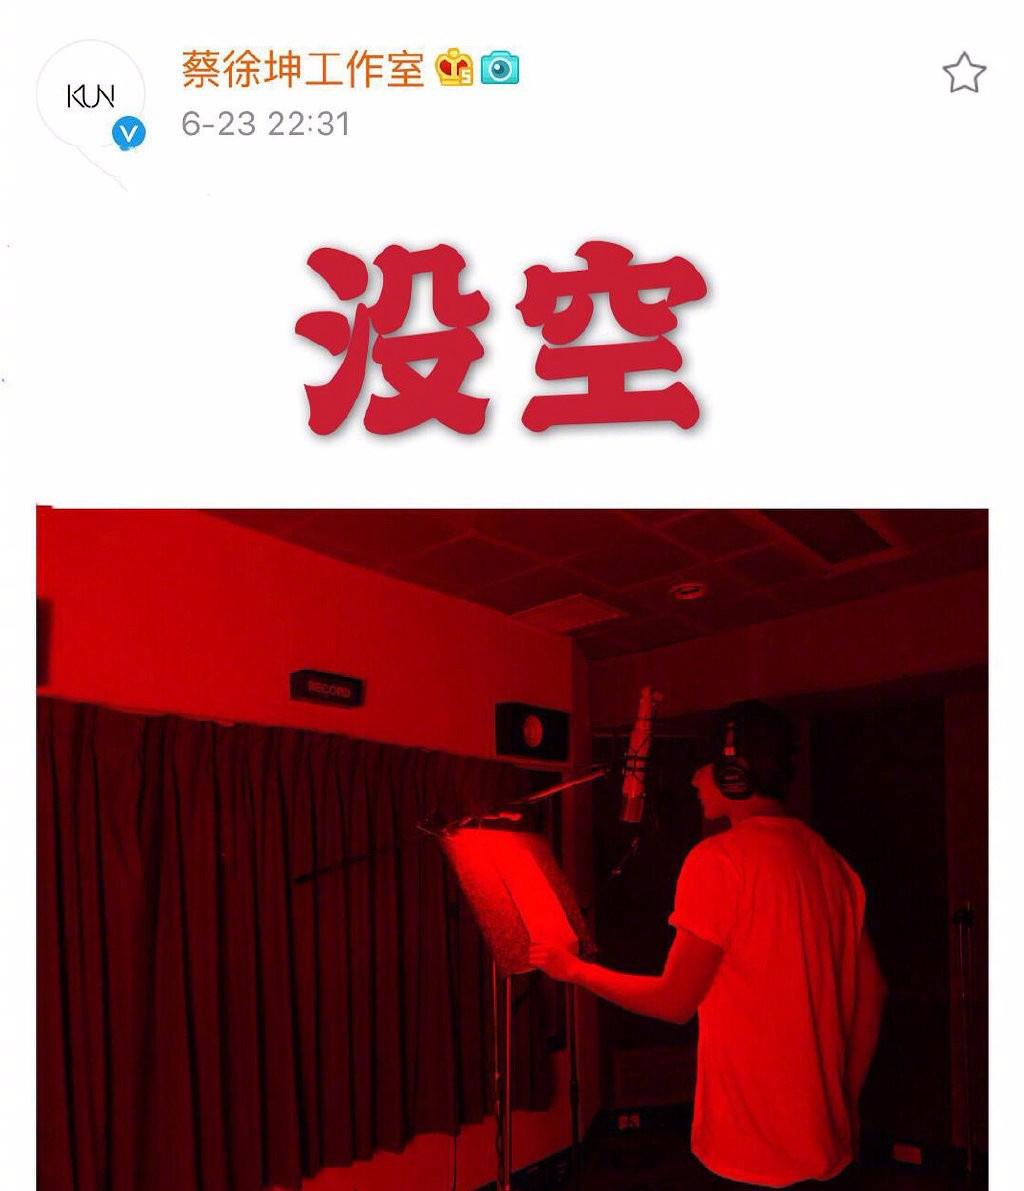 约好换情侣头像? 蔡徐坤工作室回应与周洁琼绯闻